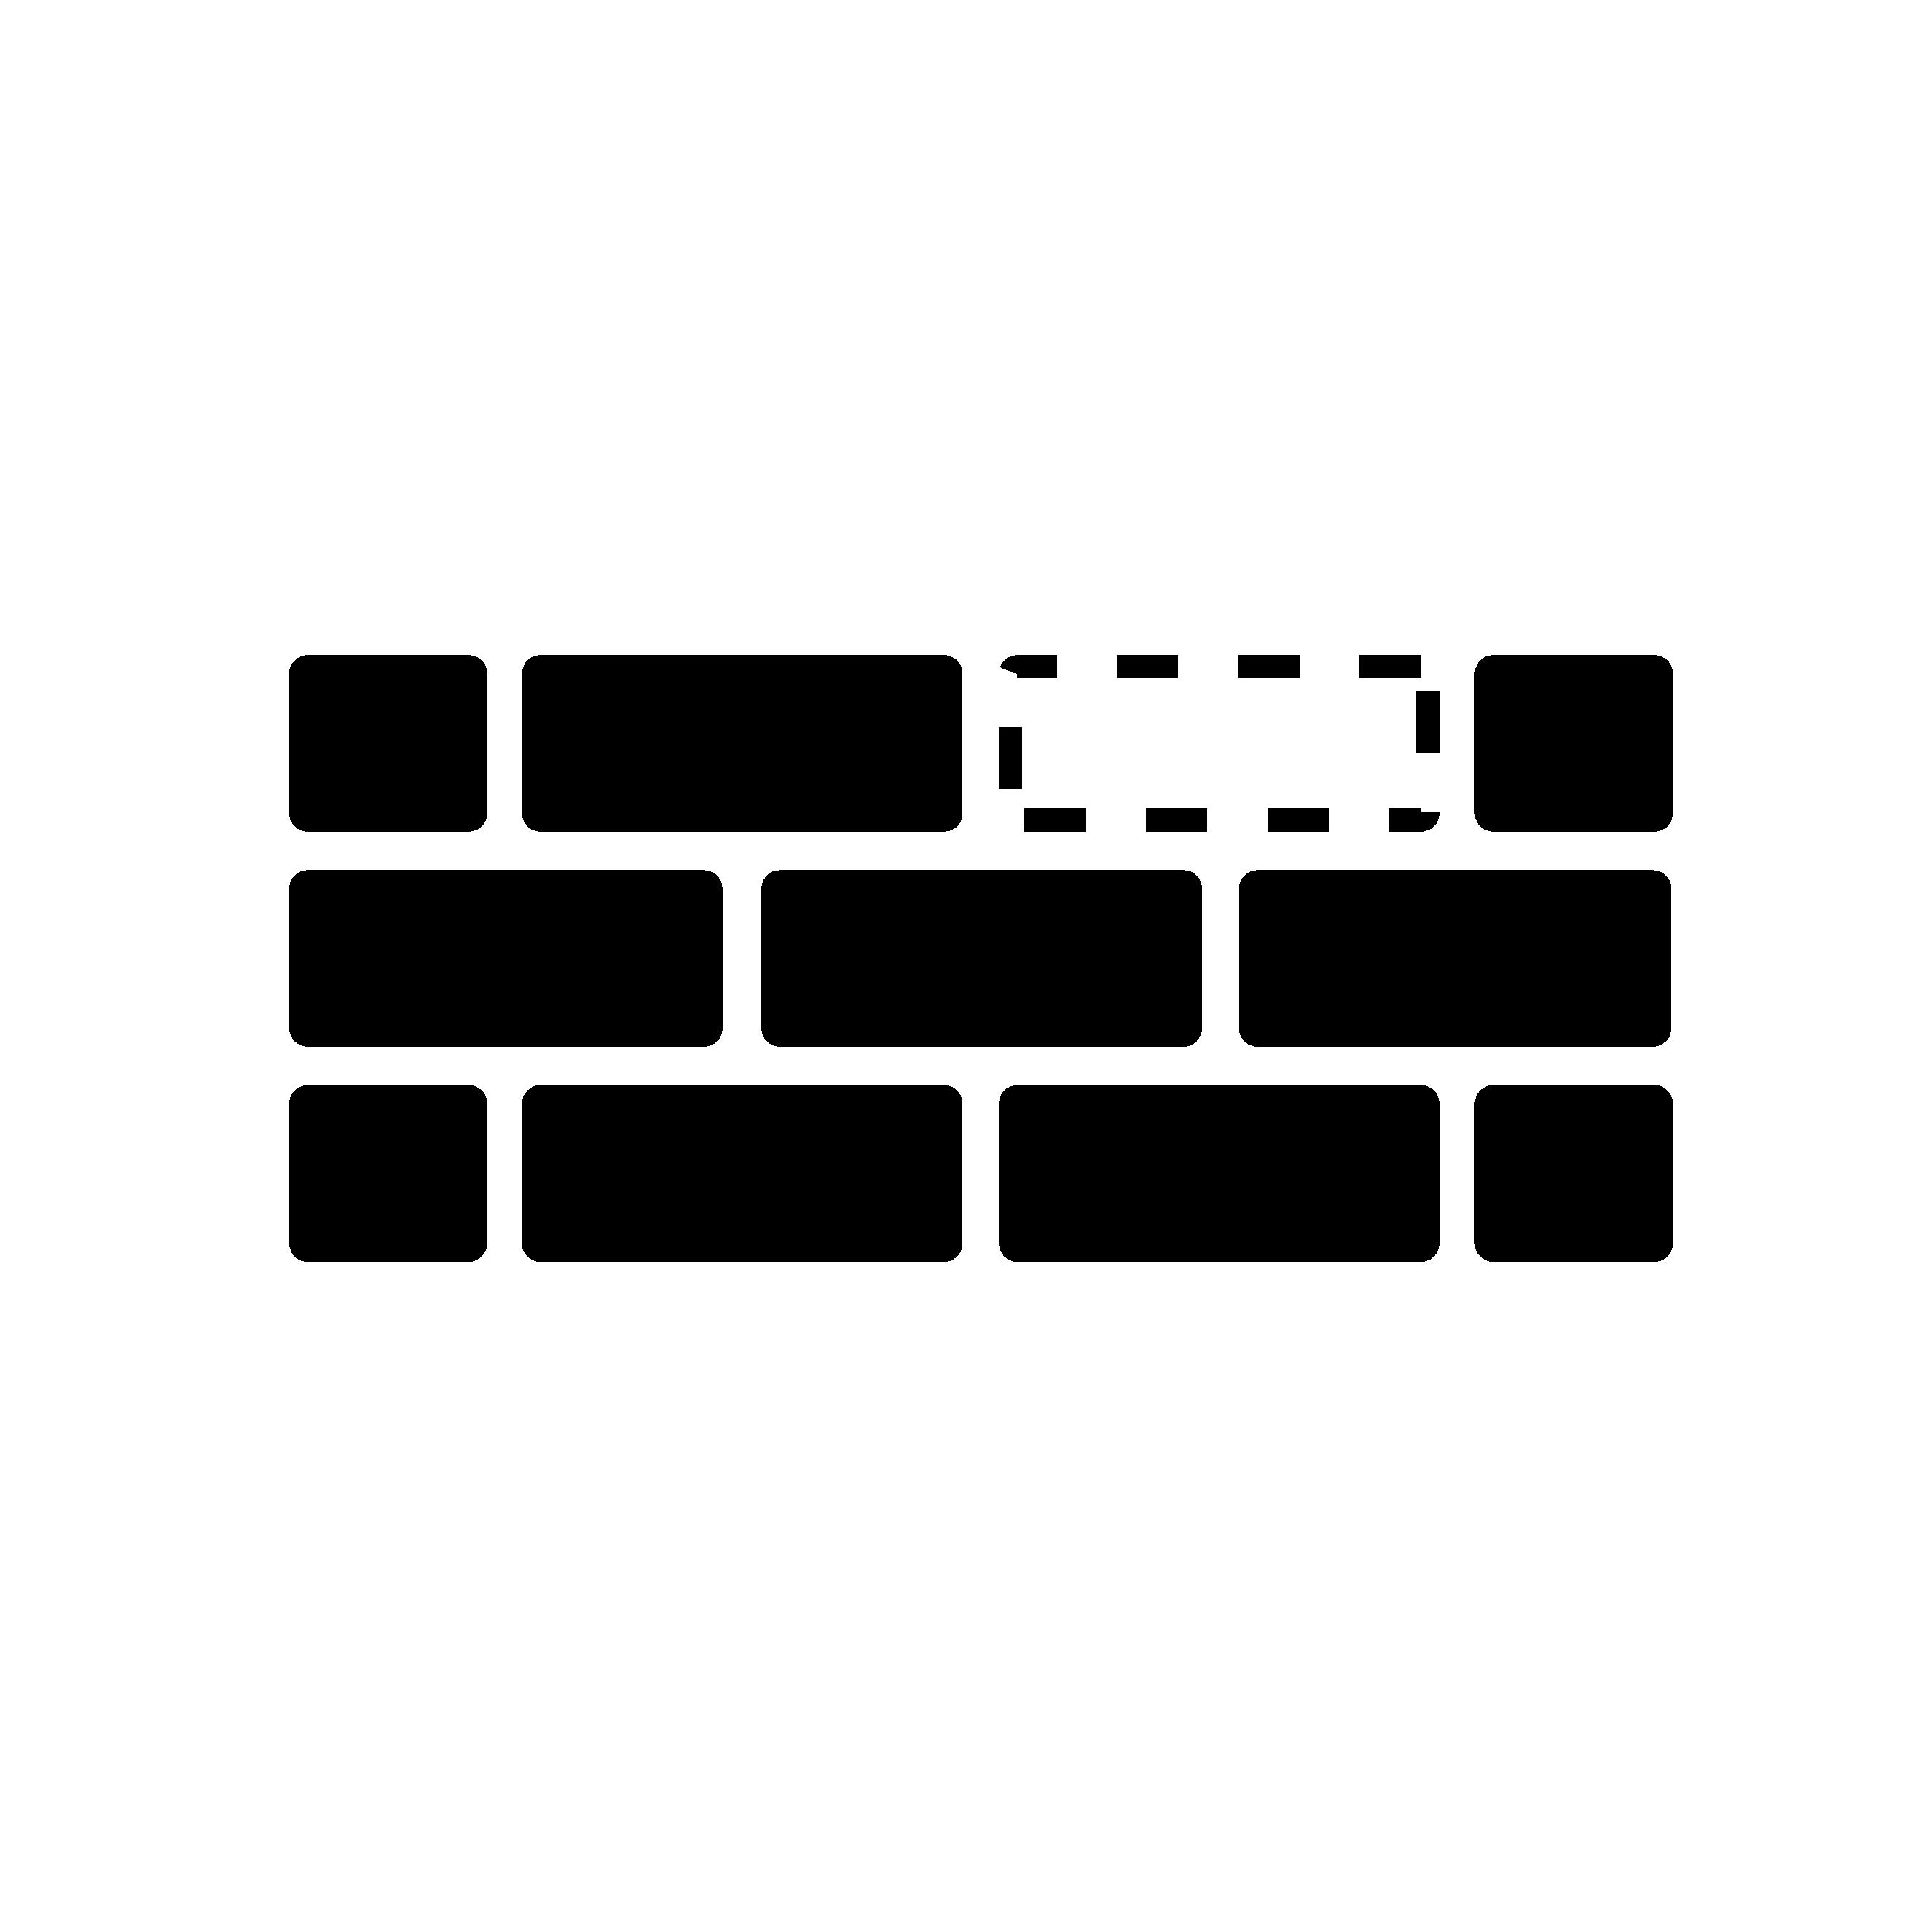 Symbol Oppkjøp og konsolidering